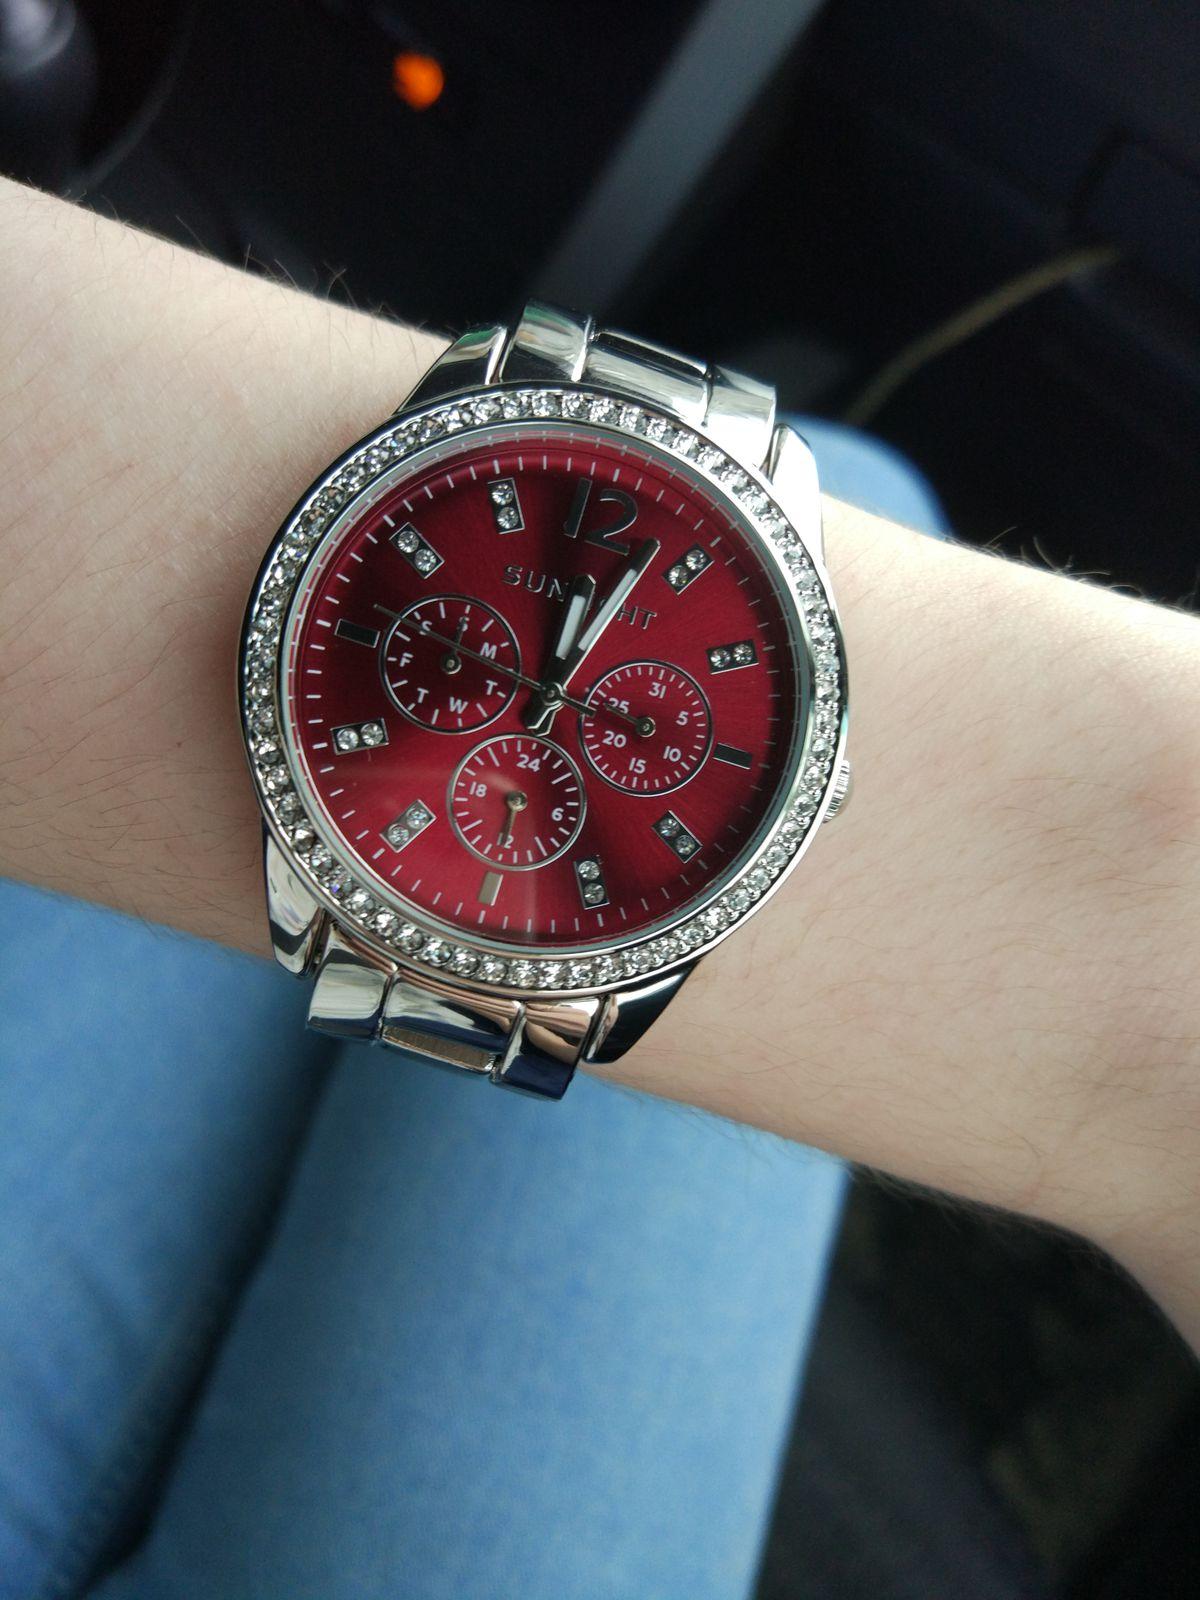 Безумно красивые часы.